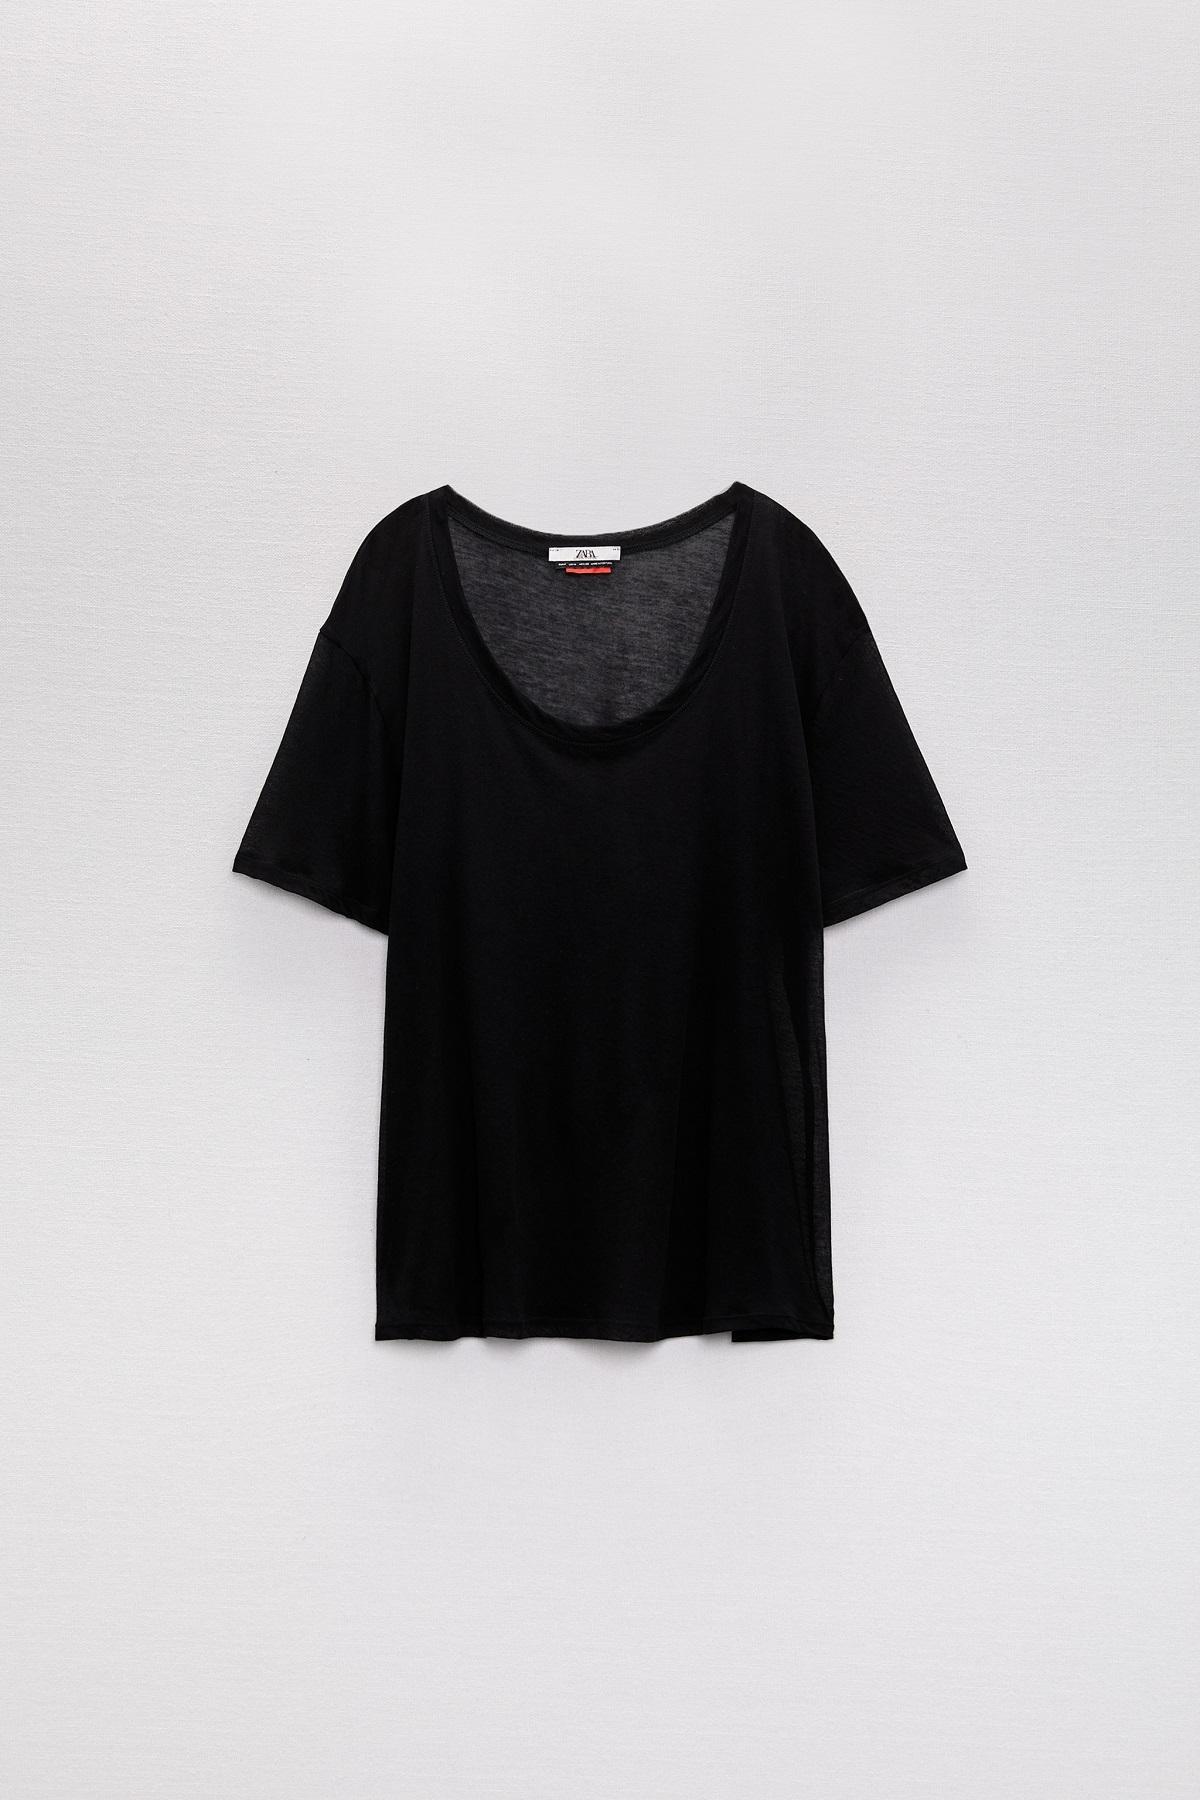 Camiseta básica negra de la colección de Zara.